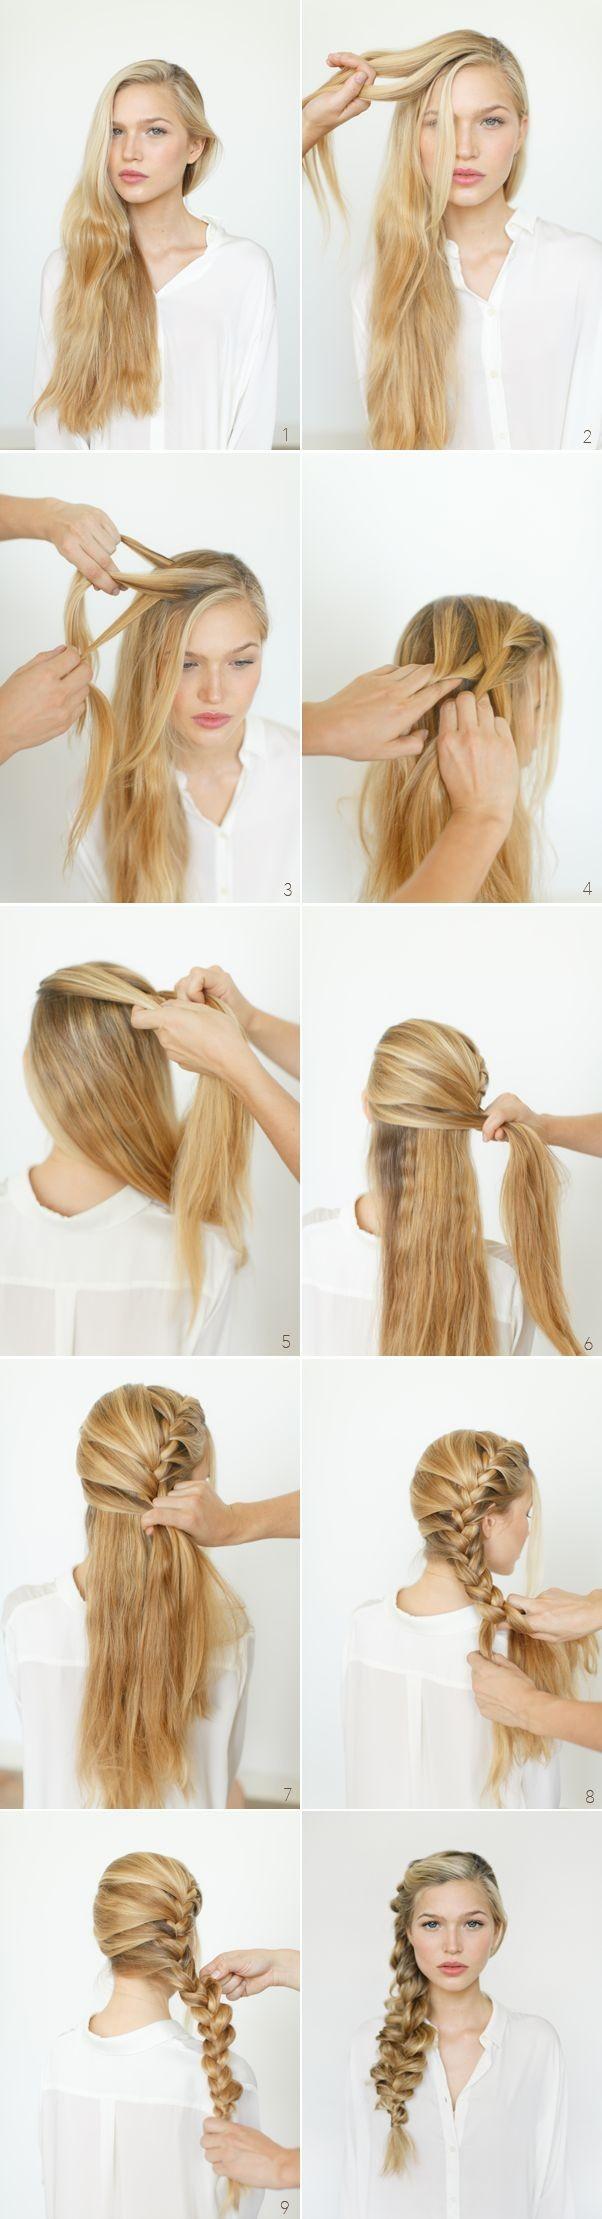 Боковая коса - вечерняя прическа с косой, инструкция выполнения пошагово